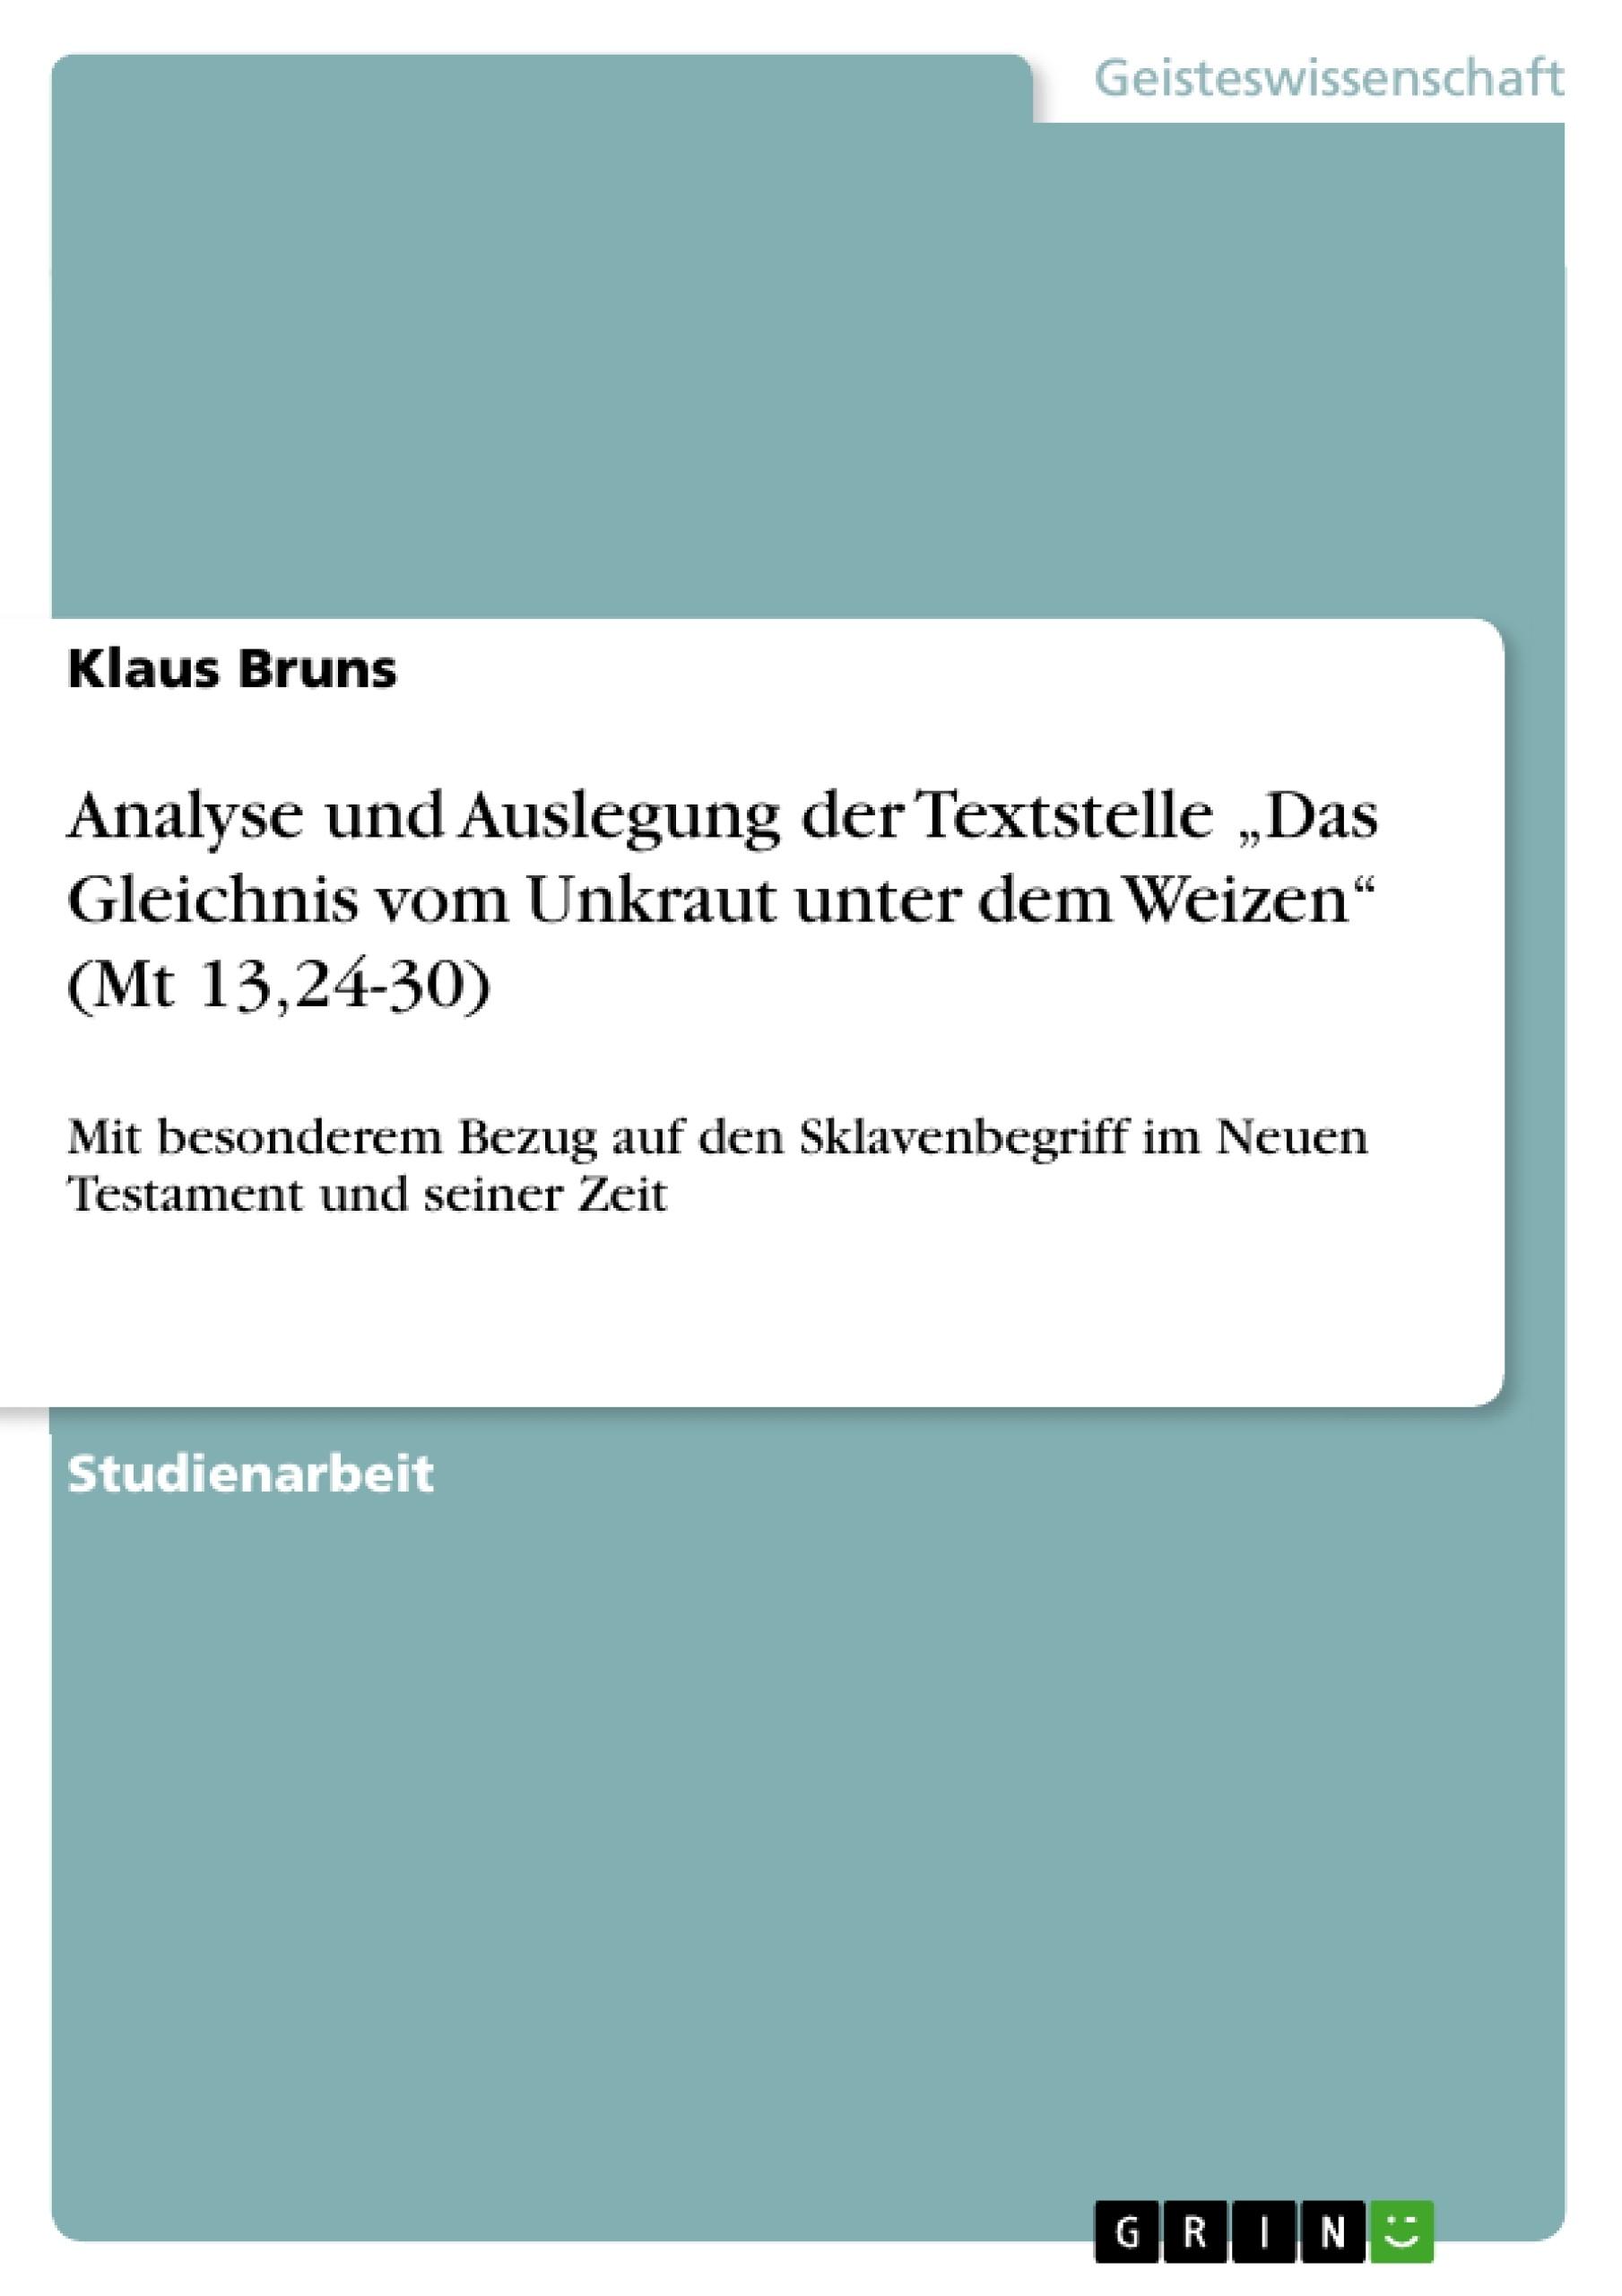 """Titel: Analyse und Auslegung der Textstelle """"Das Gleichnis vom Unkraut unter dem Weizen"""" (Mt 13,24-30)"""